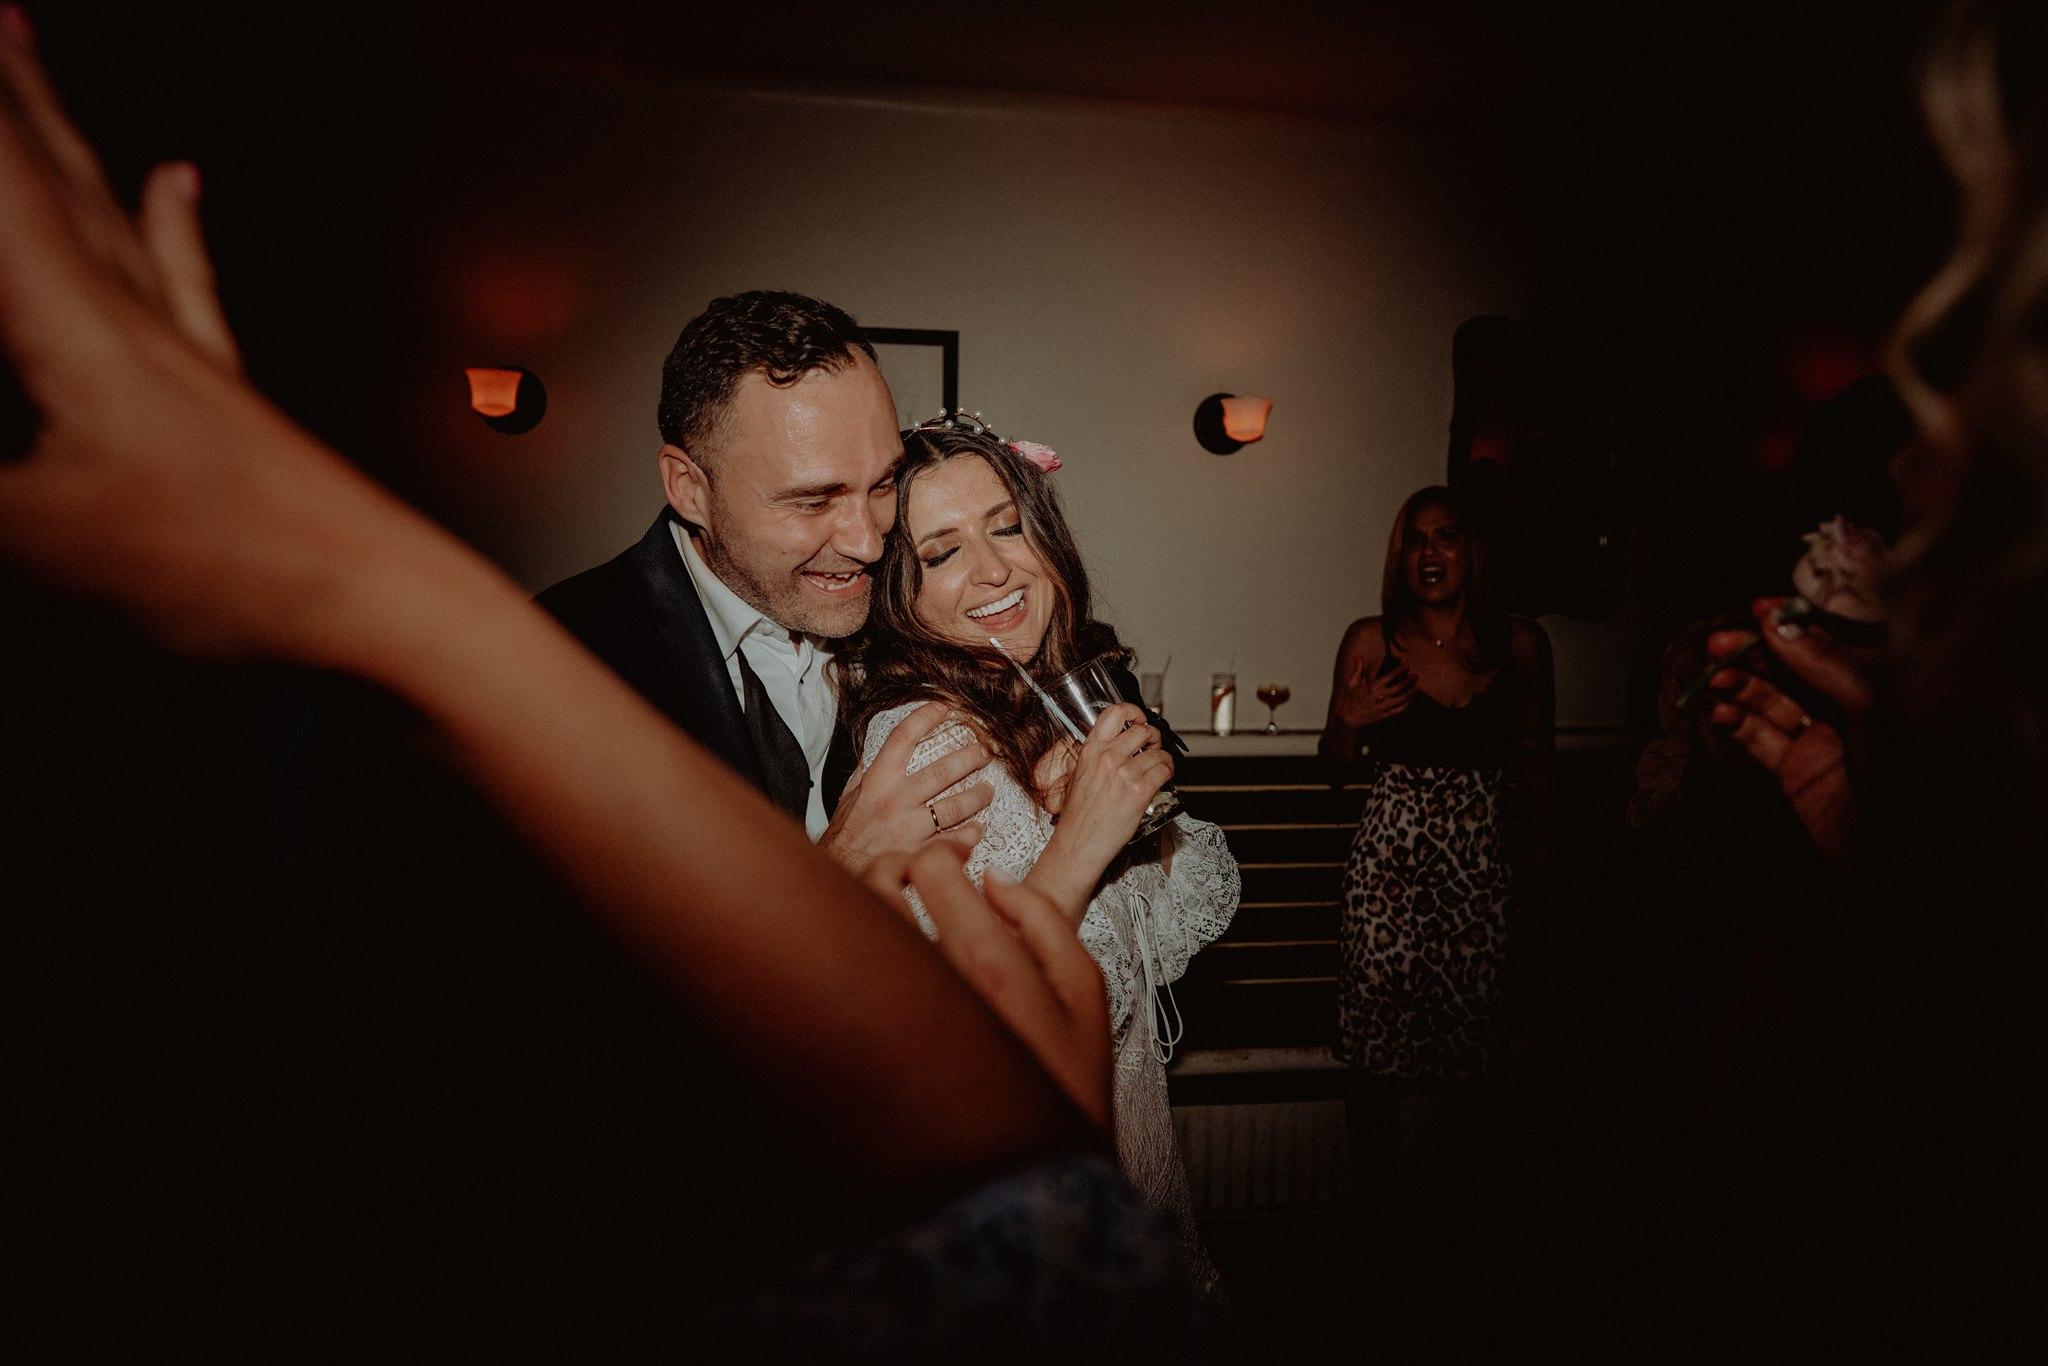 Chellise_Michael_Photography_Ramona_Brooklyn_Wedding_Photographer-910.jpg